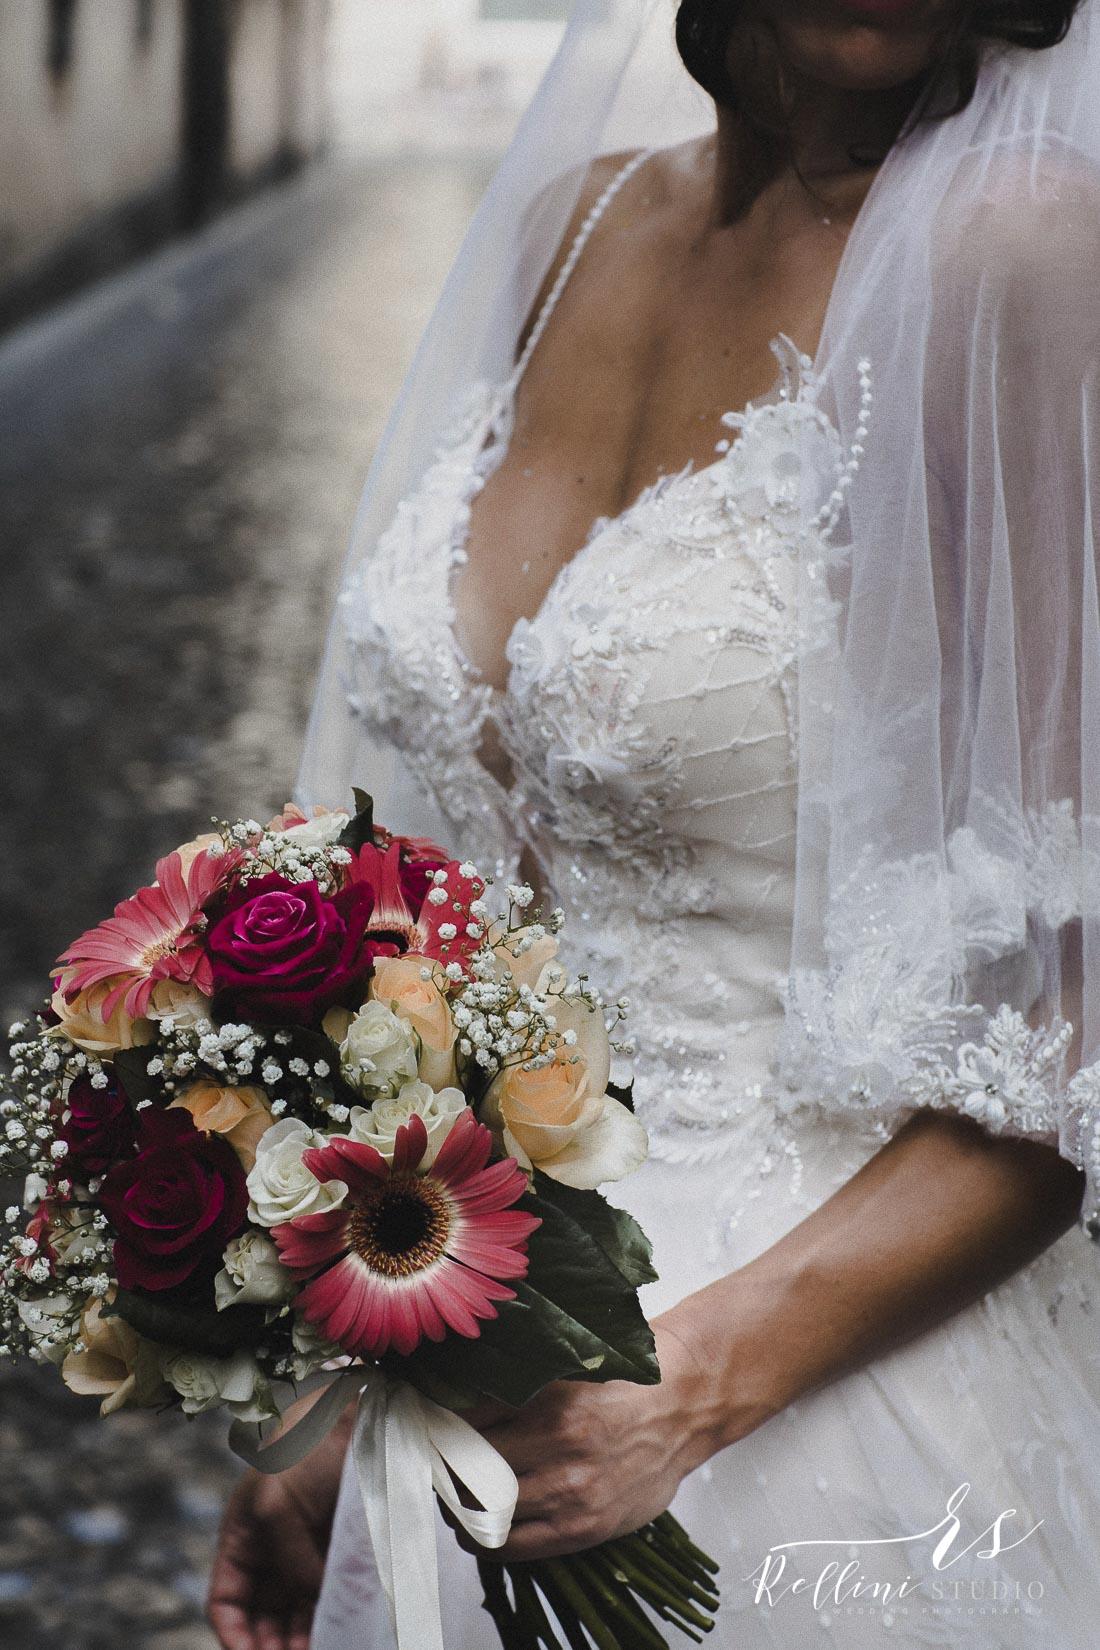 wedding at Palazzone in Orvieto 078.jpg